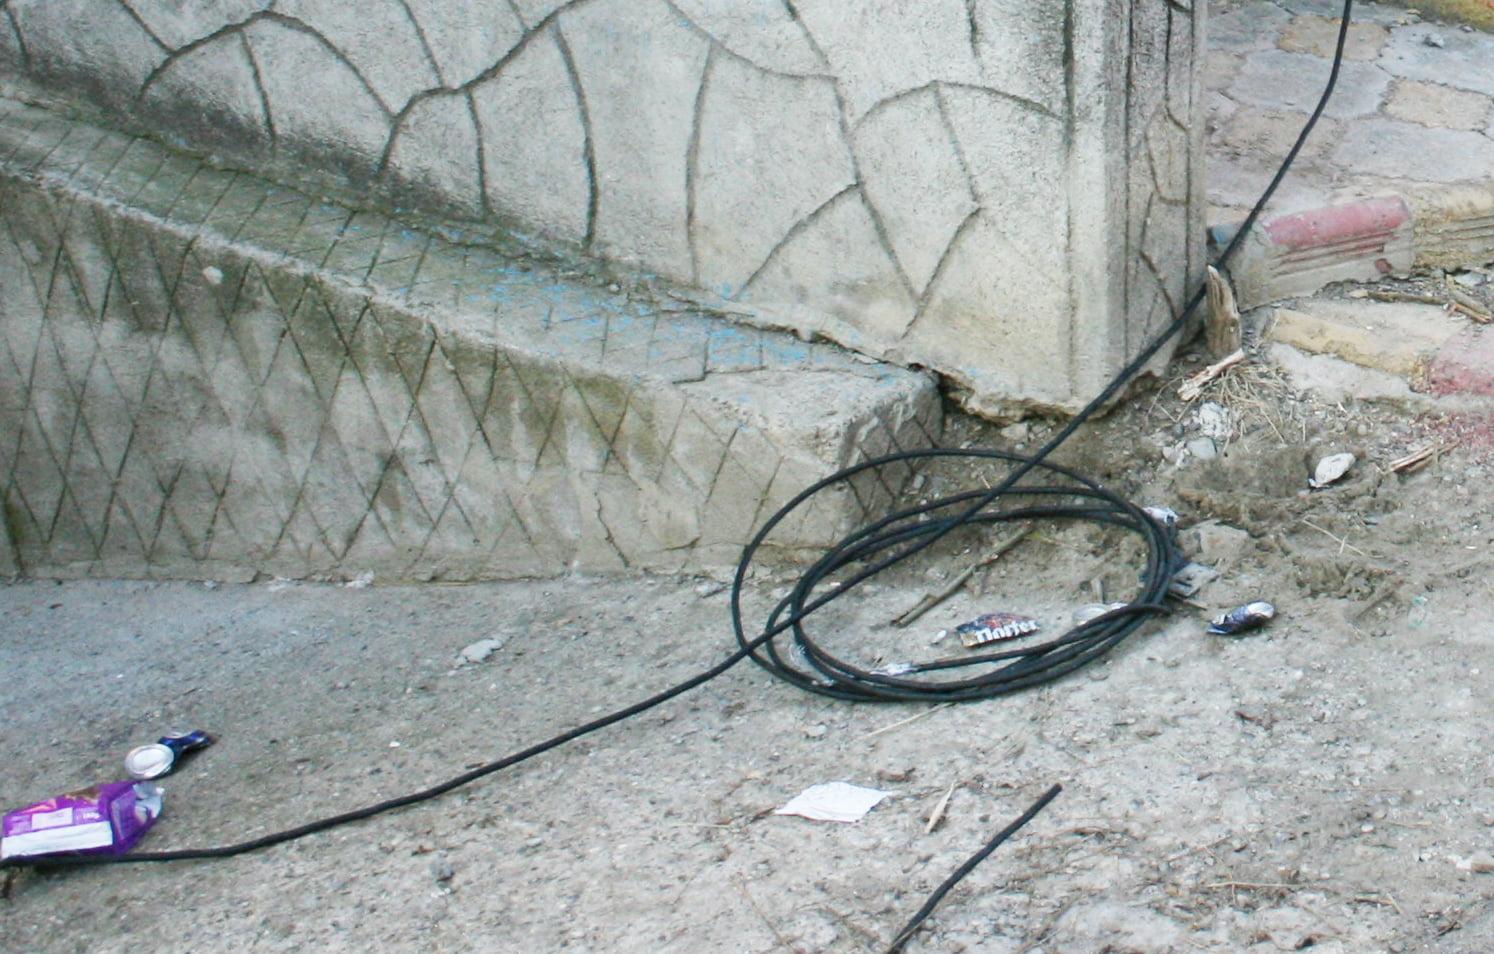 Tentativele de furt din reţelele de distribuţie a energiei  electrice provoacă numeroase victime anual